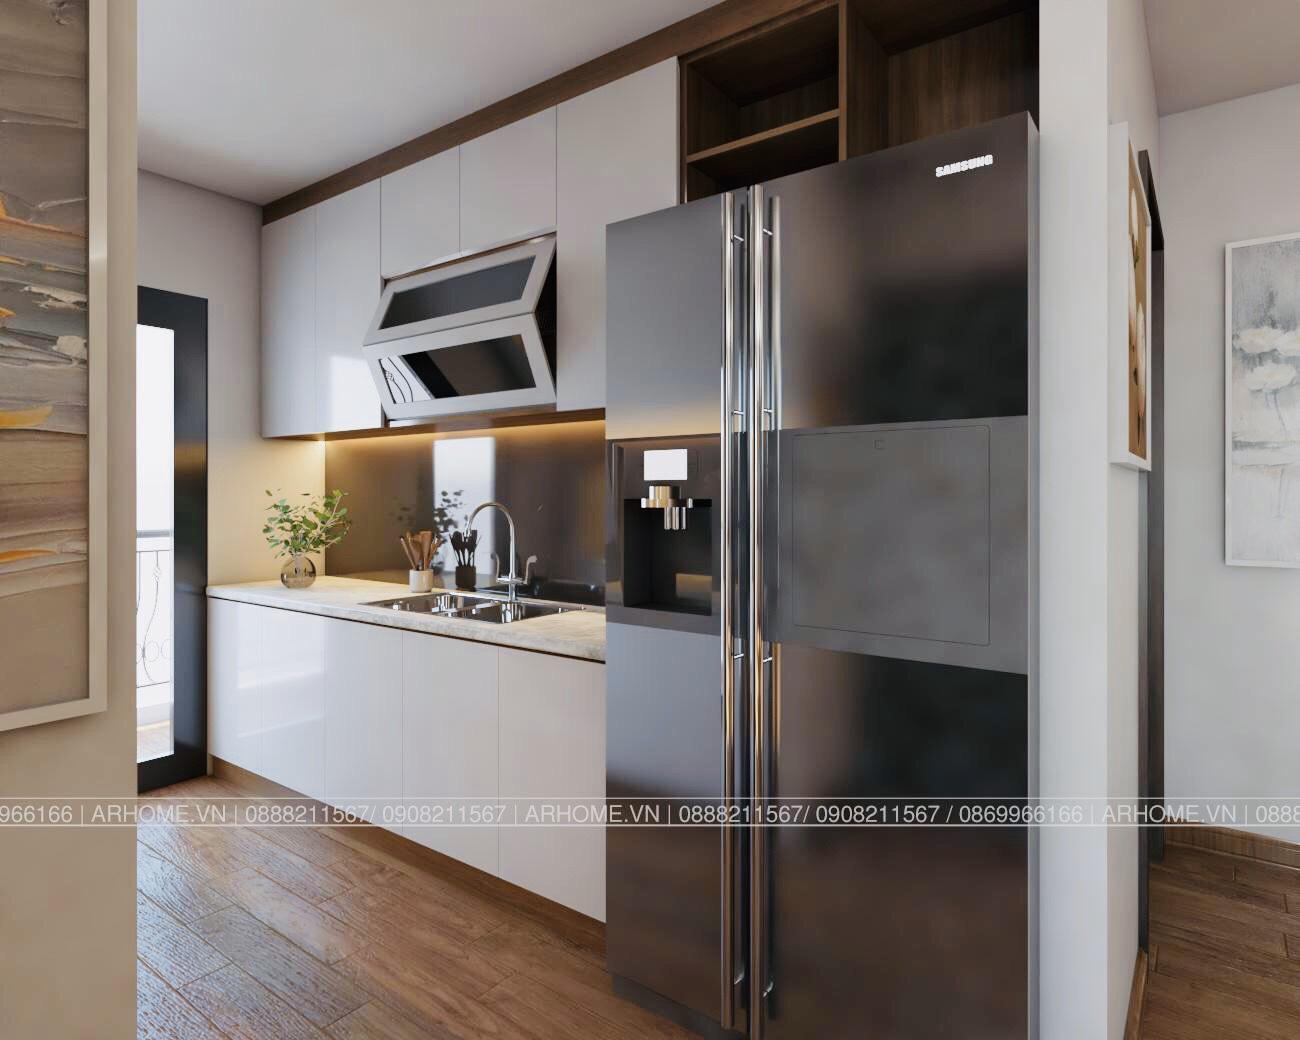 Thiết kế nội thất Chung Cư tại Hà Nội Ấn tượng khó phai với Thiết kế nội thất căn hộ Chung cư Lạc Hồng West Lake của Cô Họa sĩ 1585985648 4